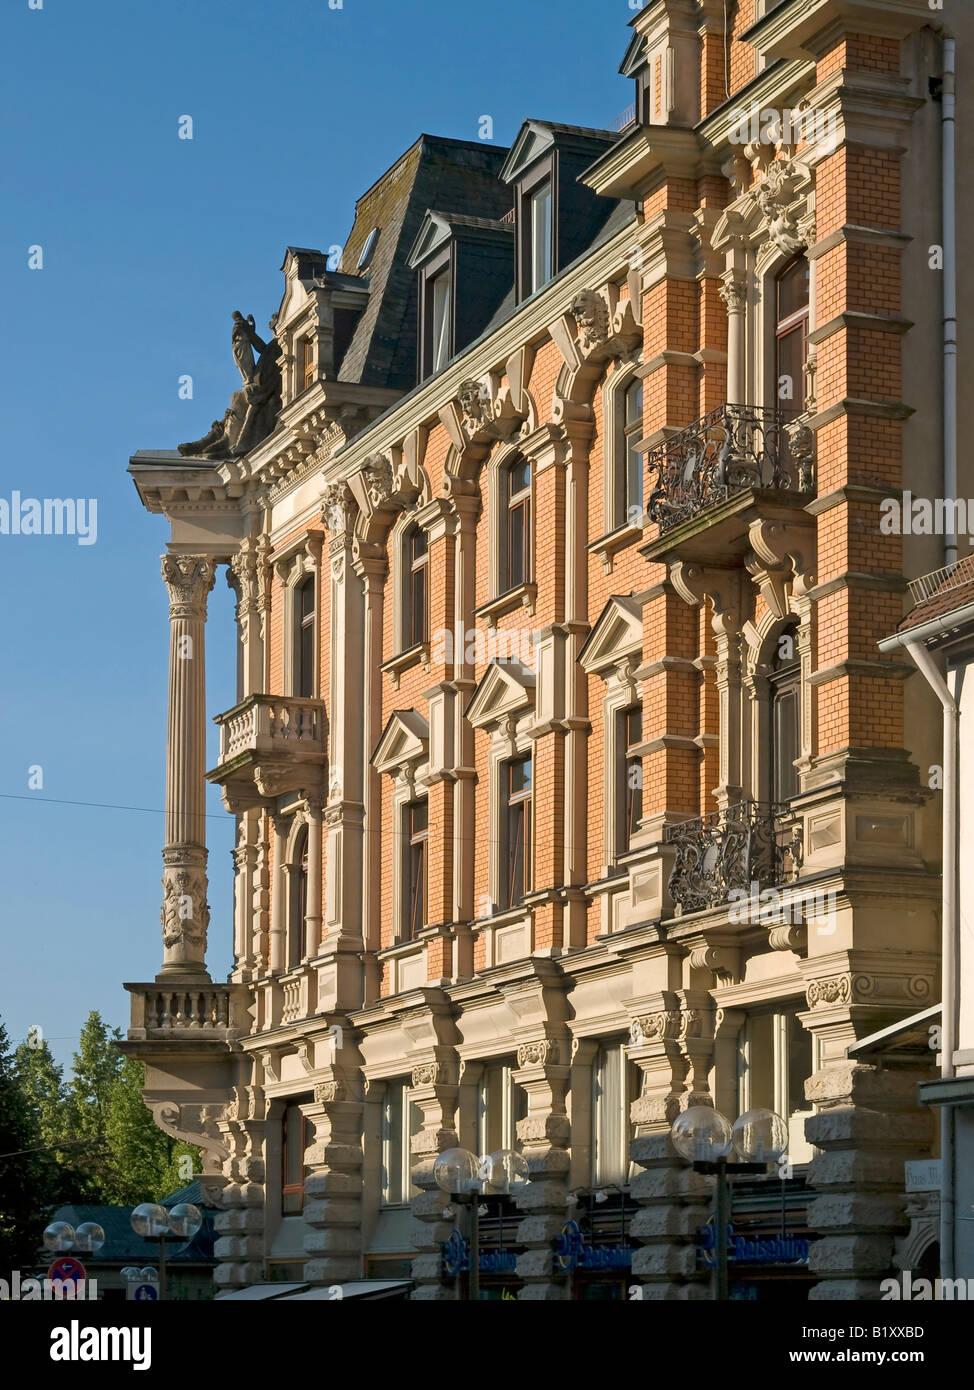 Architectural style immagini architectural style fotos - Casa stile vittoriano ...